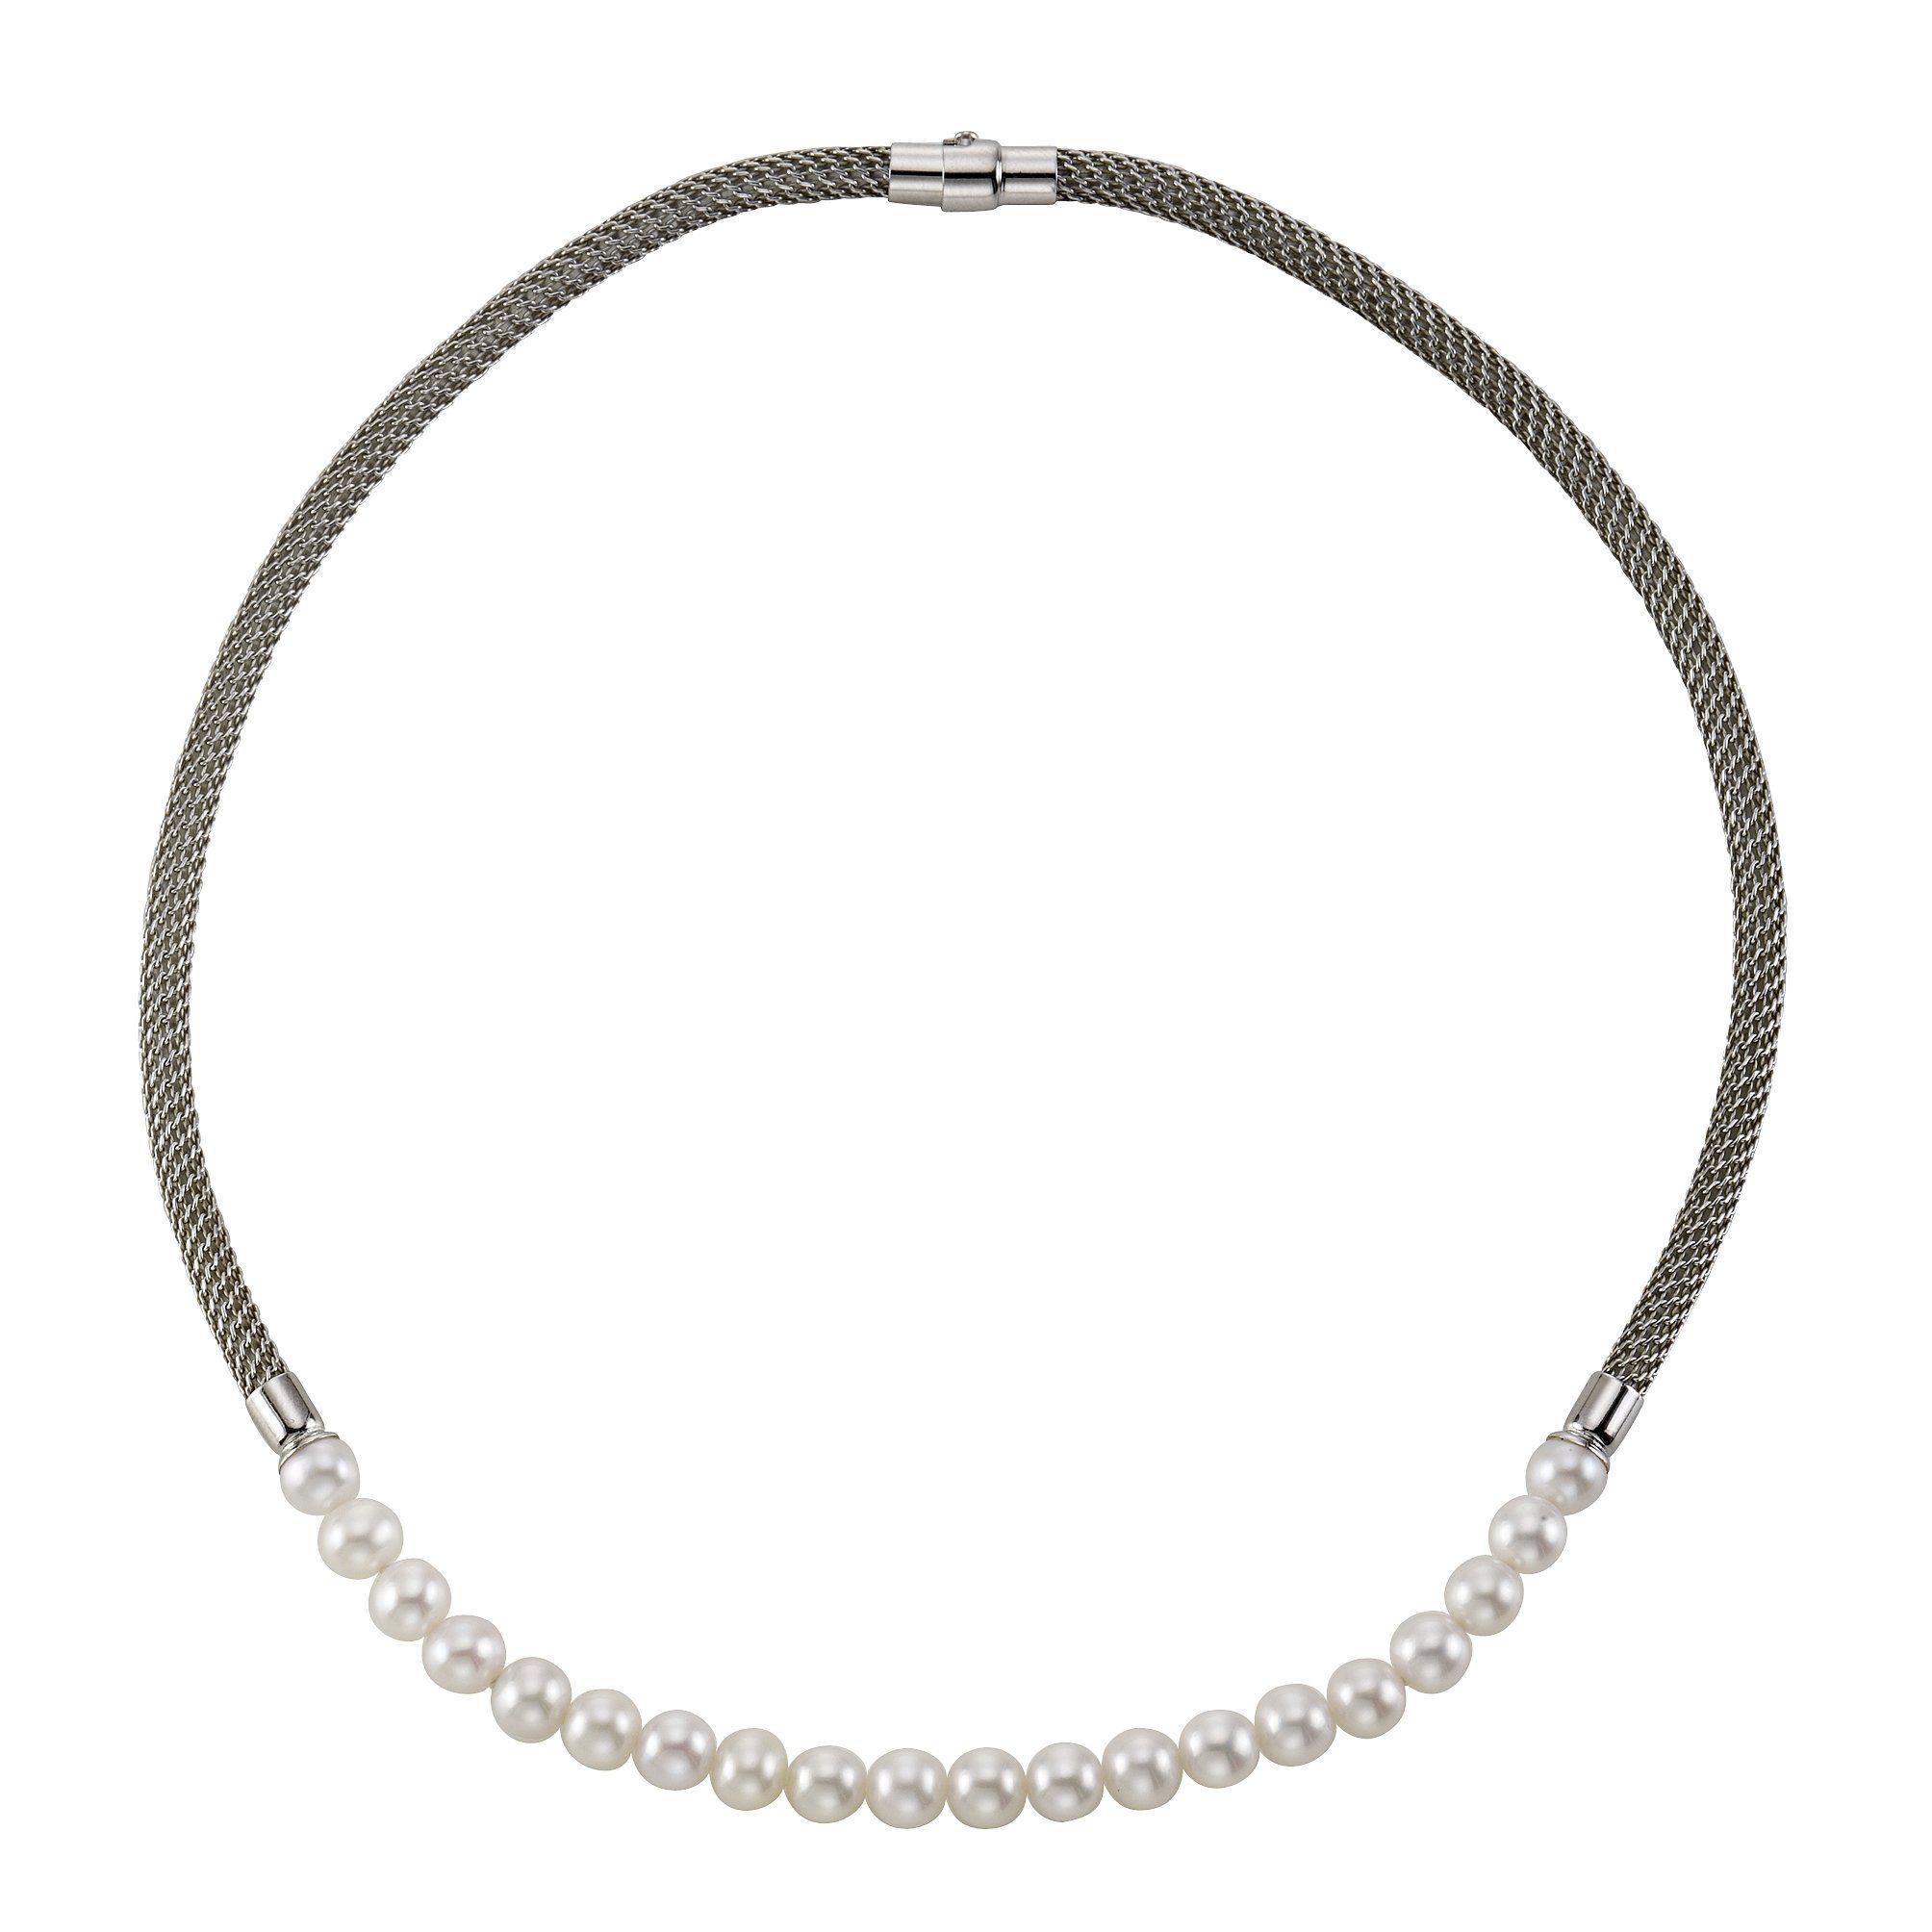 CELESTA Collier »925/- Sterling Silber Süßwasserzuchtperle«